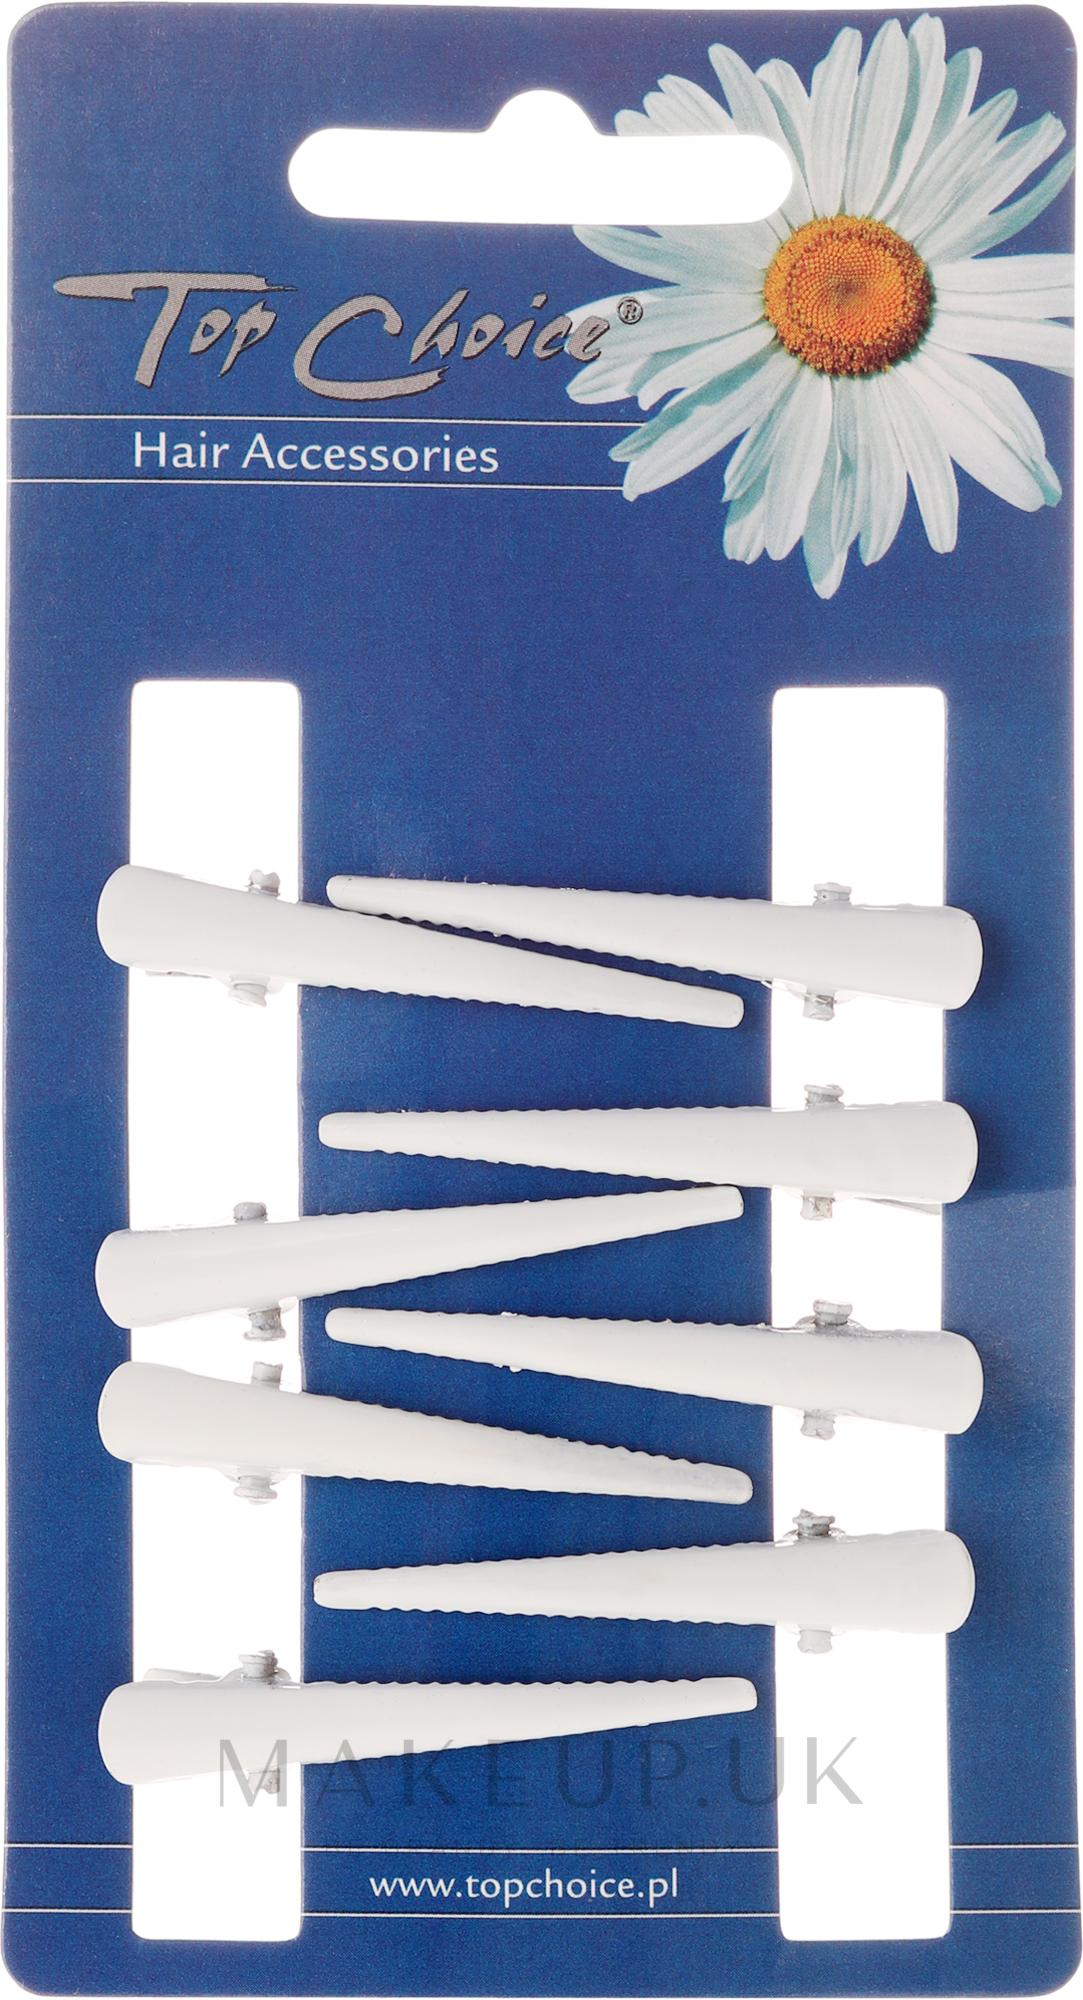 Hairpin, size XS, white, 8 pcs - Top Choice — photo 8 pcs.